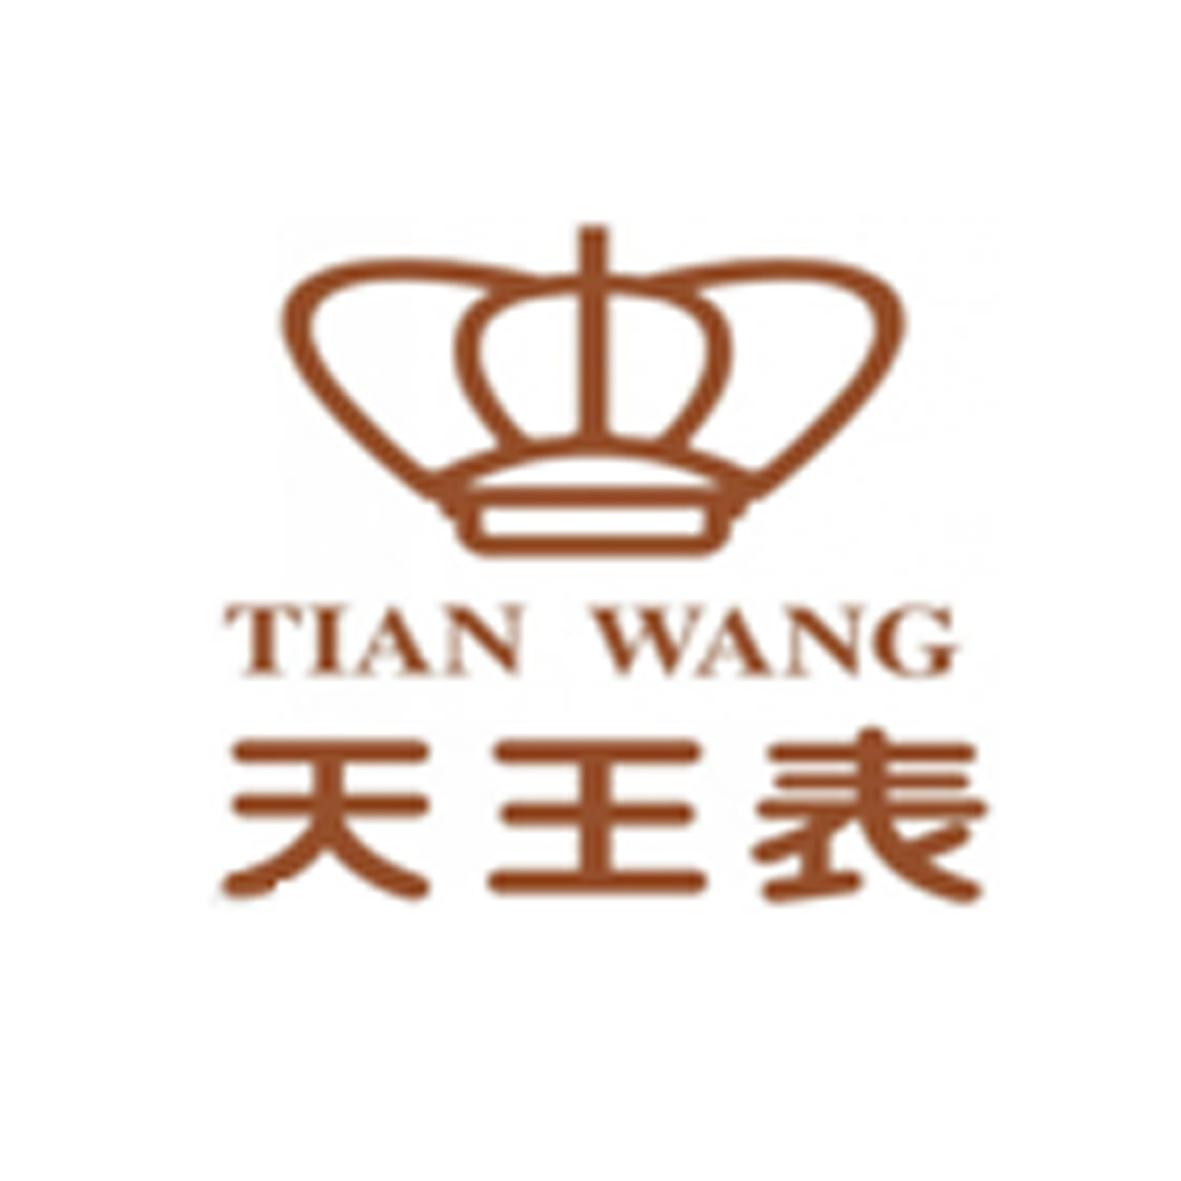 """<div style=""""text-align:center;""""> 天王表 </div>"""